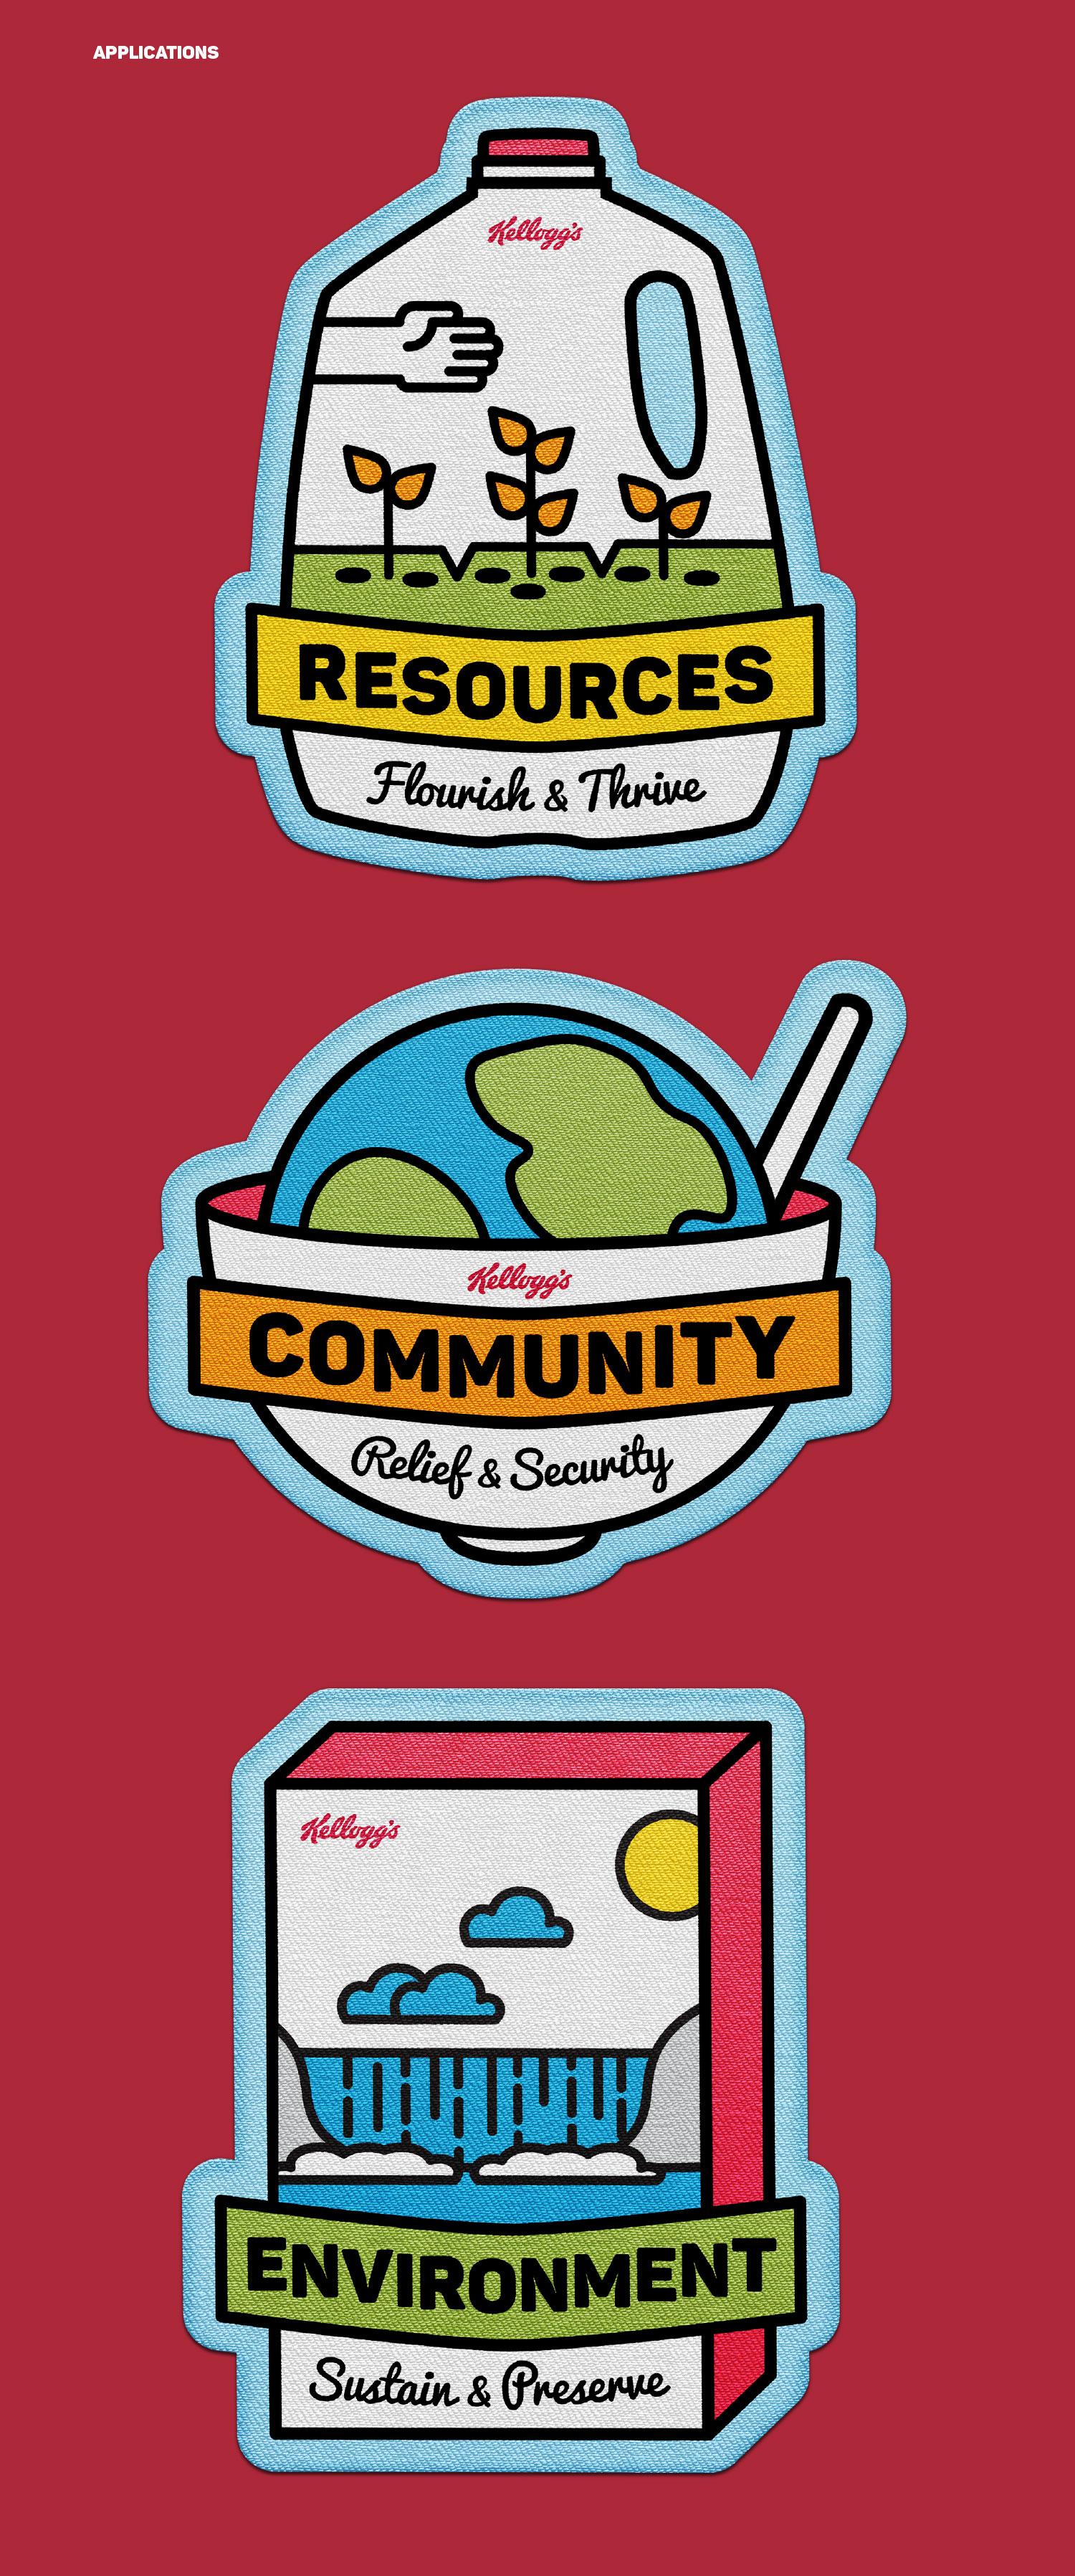 2_Kellogg_Company_Badges.png